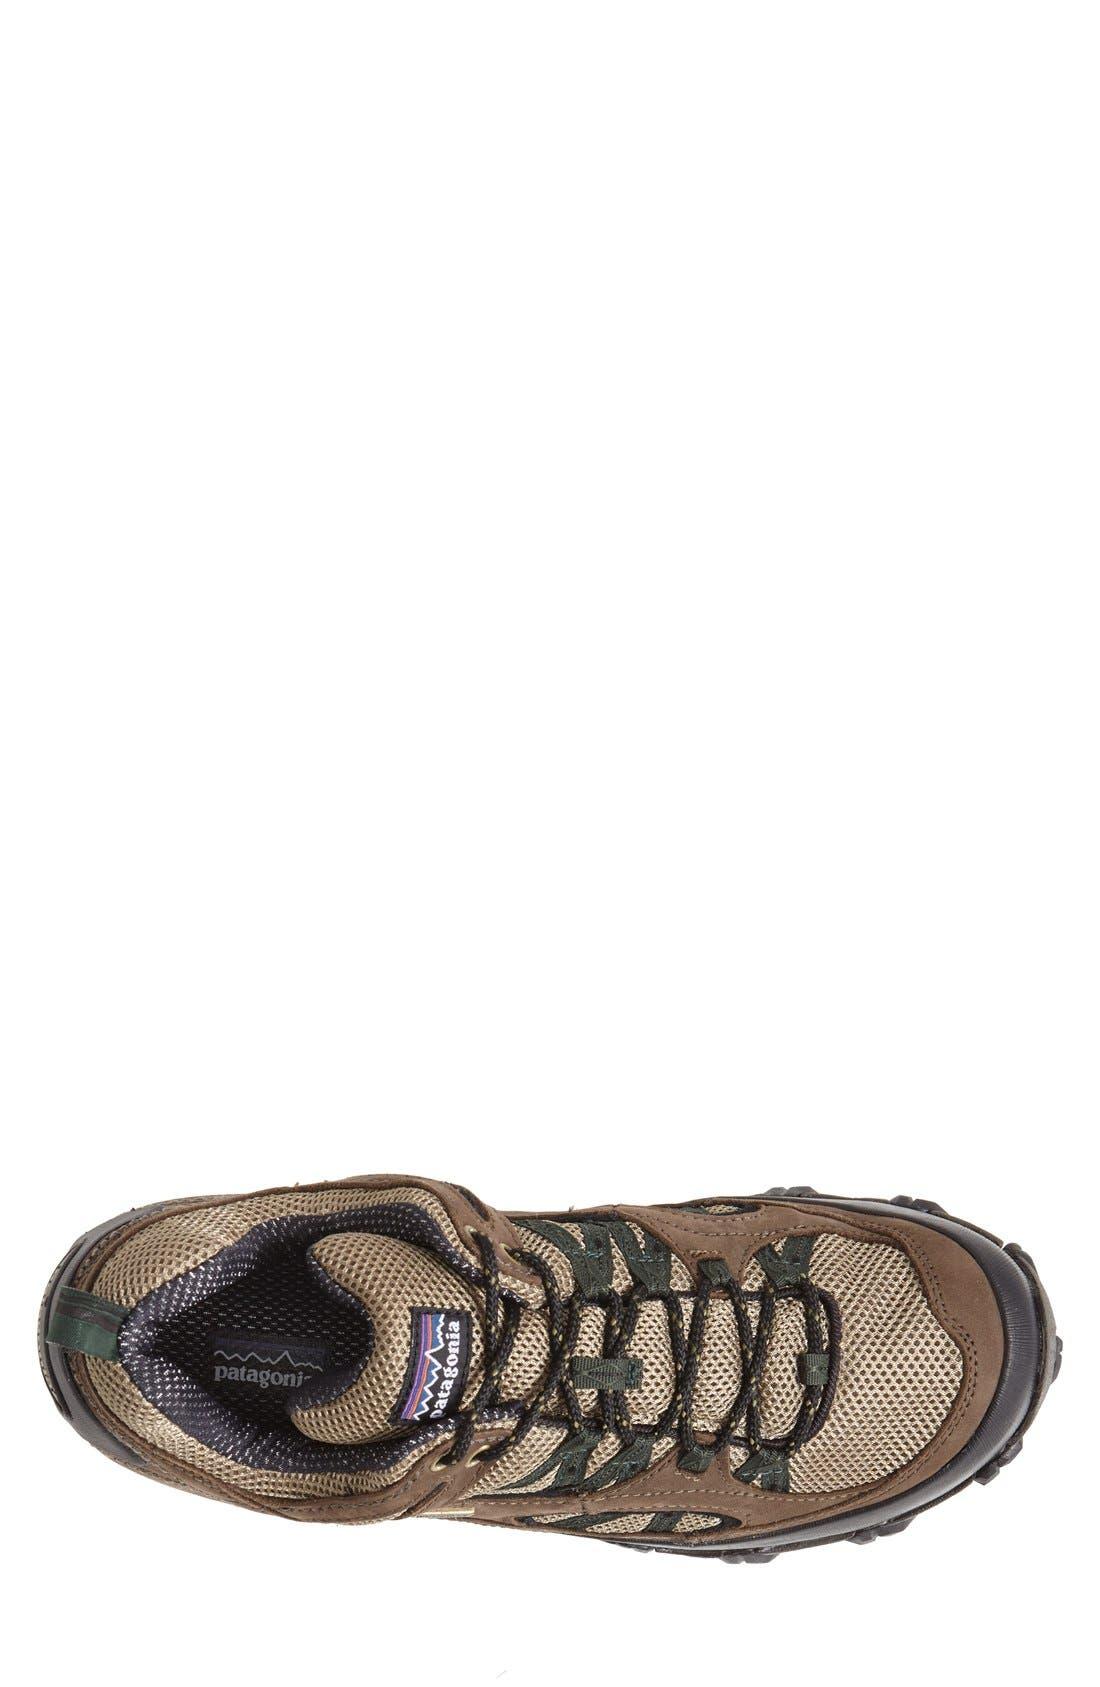 Alternate Image 2  - Patagonia 'Drifter A/C' Waterproof Hiking Shoe (Men)